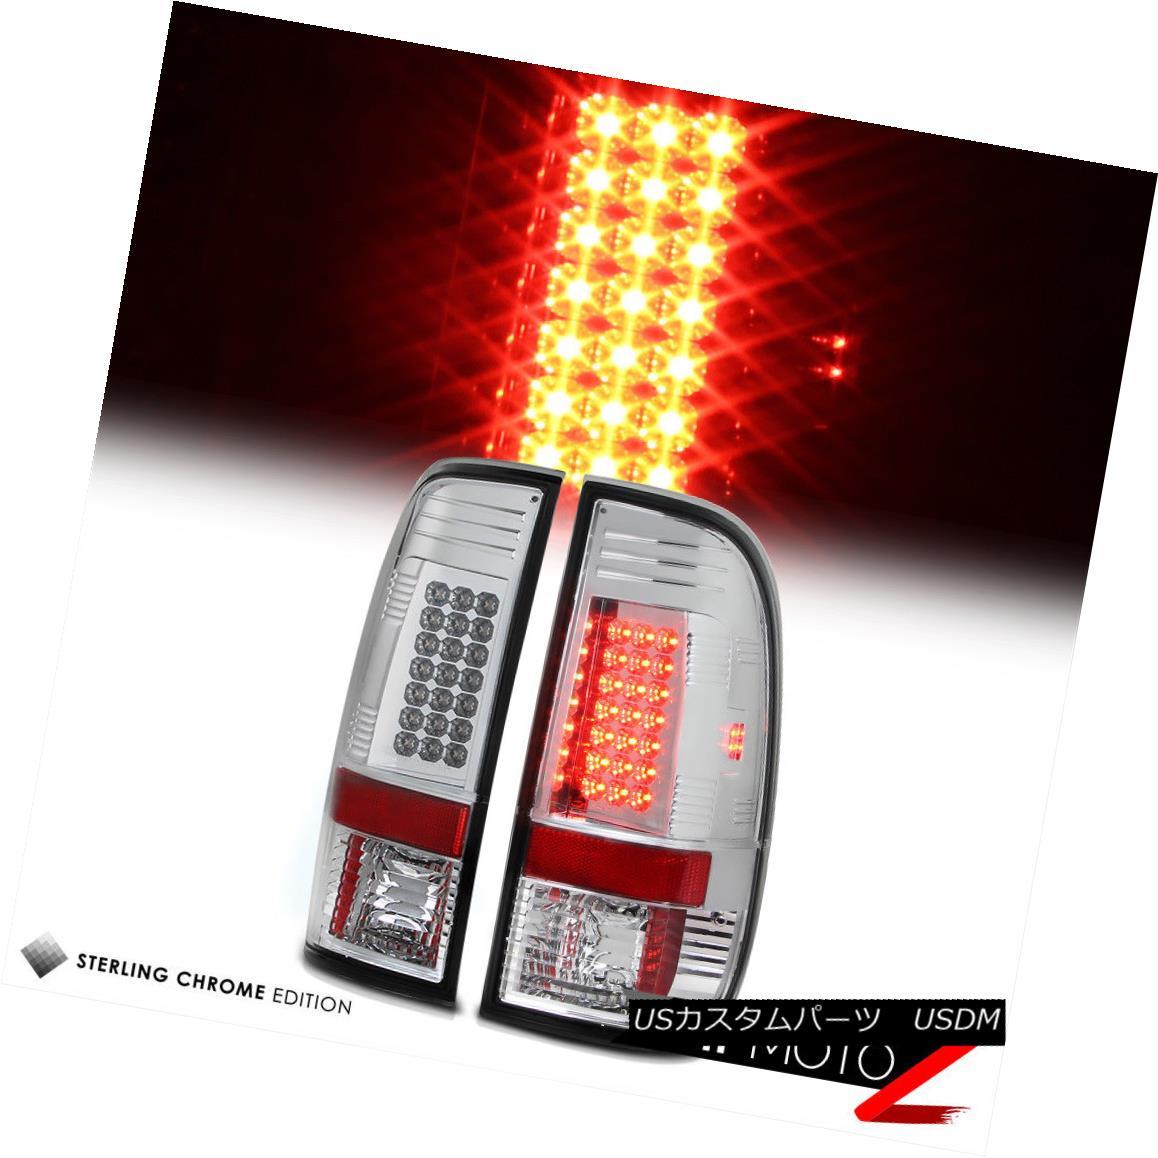 テールライト LED F350 Rear Tail Lights 1999-2006 Brake Brake Lamps [1 PAIR] 1999-2006 F250 F350 |1997-2003 F150 LEDリアテールライトブレーキランプ[1枚] 1999-2006 F250 F350 | 1997-2003 F150, フィガロ:002c6195 --- officewill.xsrv.jp